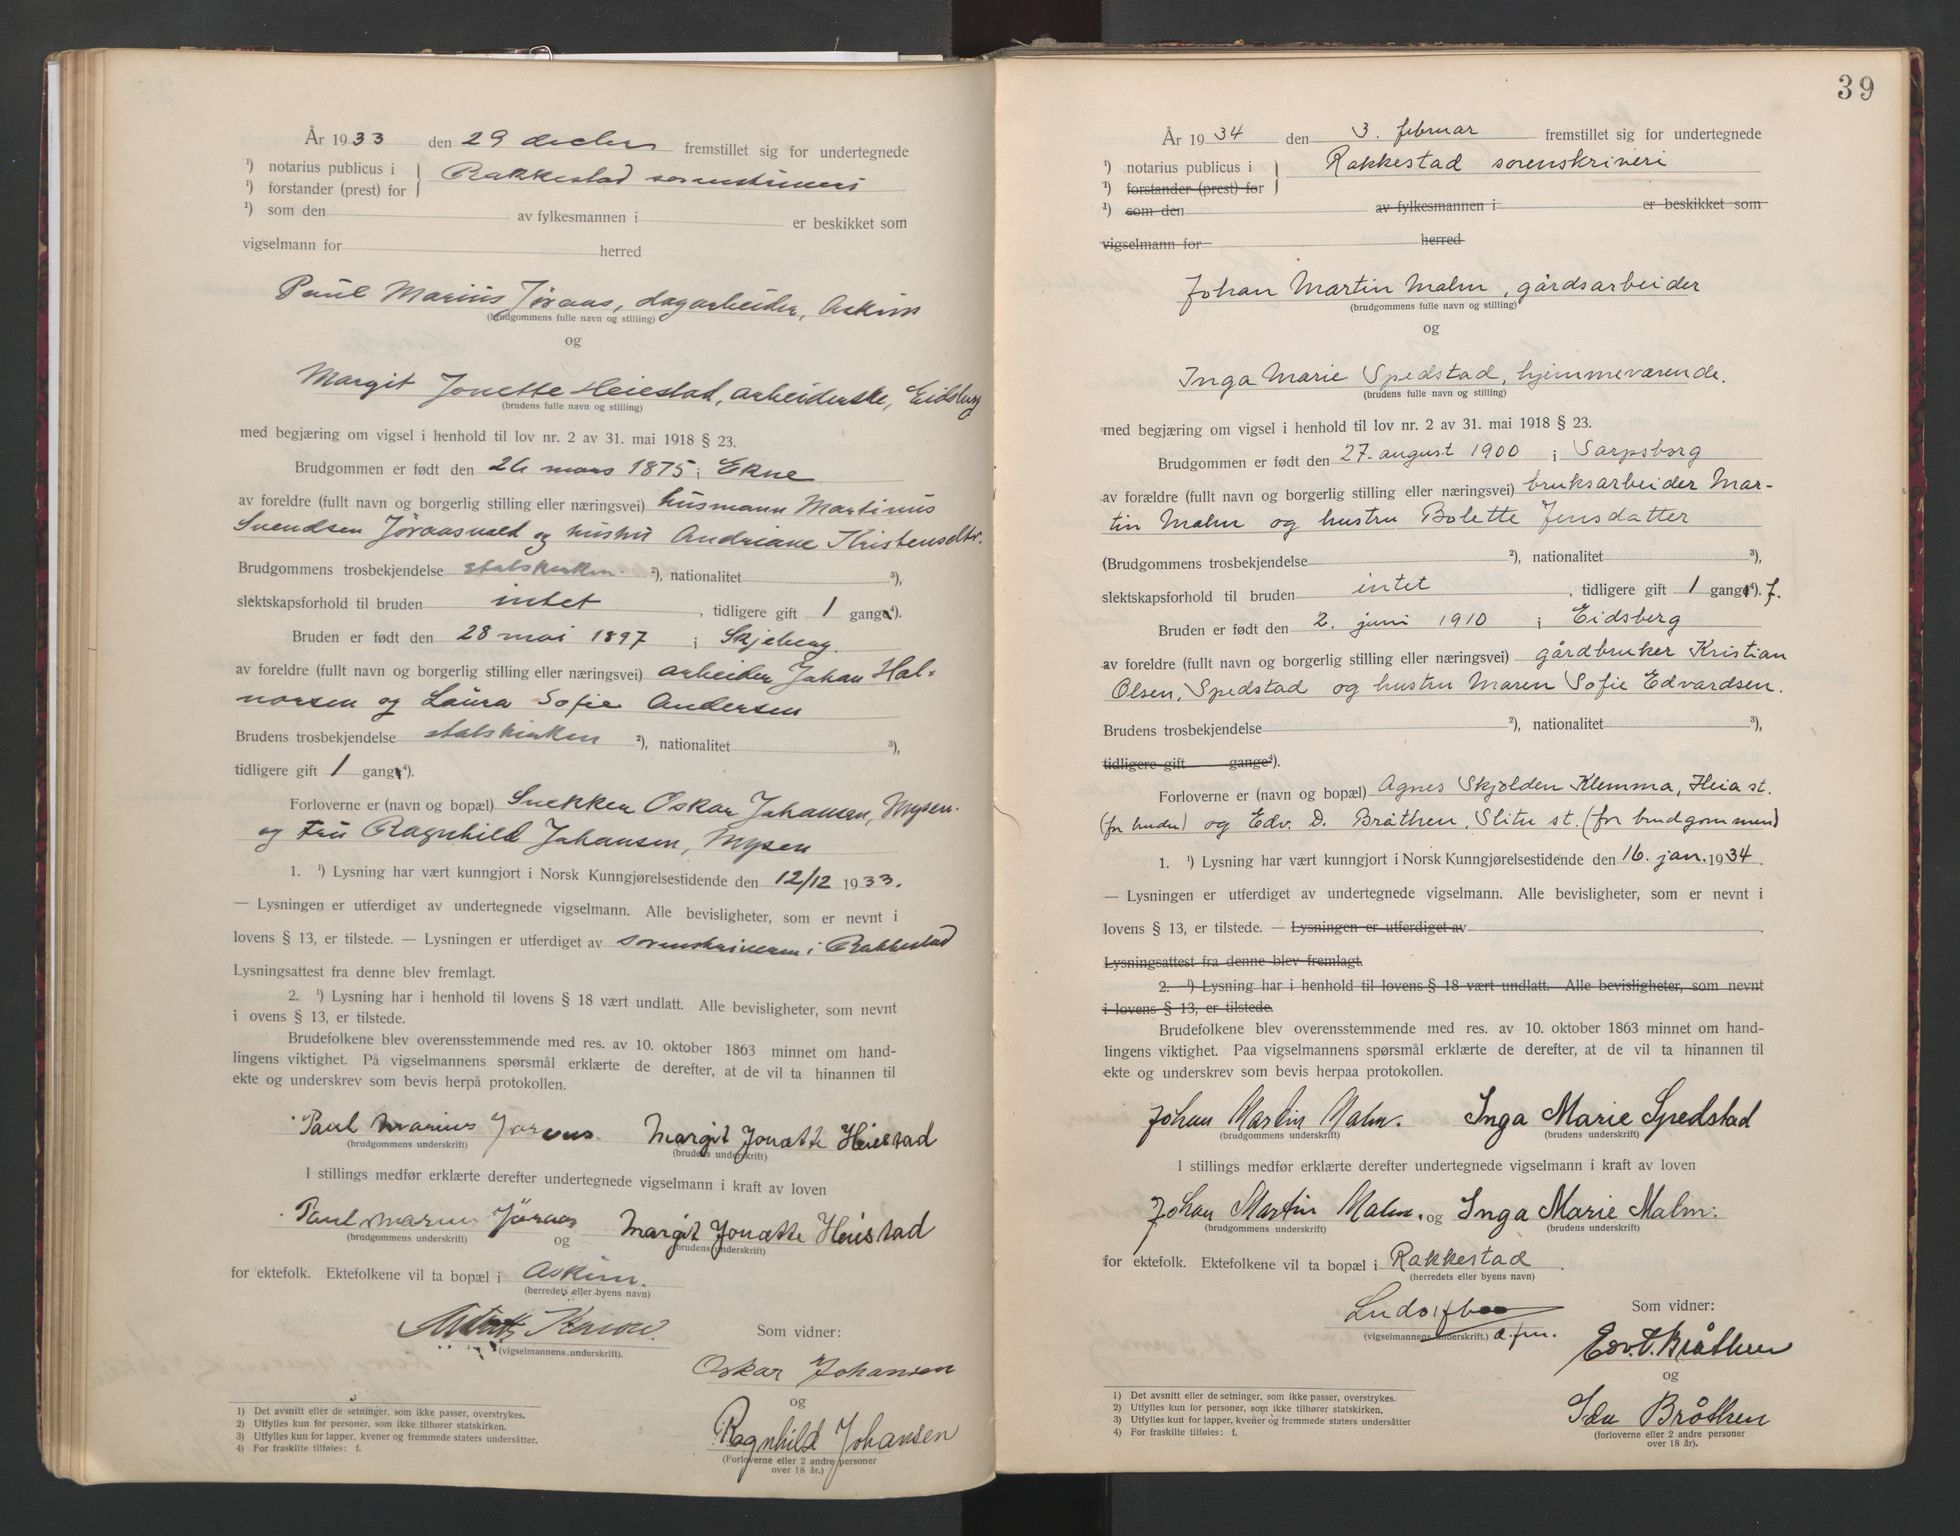 SAO, Rakkestad sorenskriveri, L/Lc/Lca/L0001: Vigselbøker, 1920-1942, s. 39